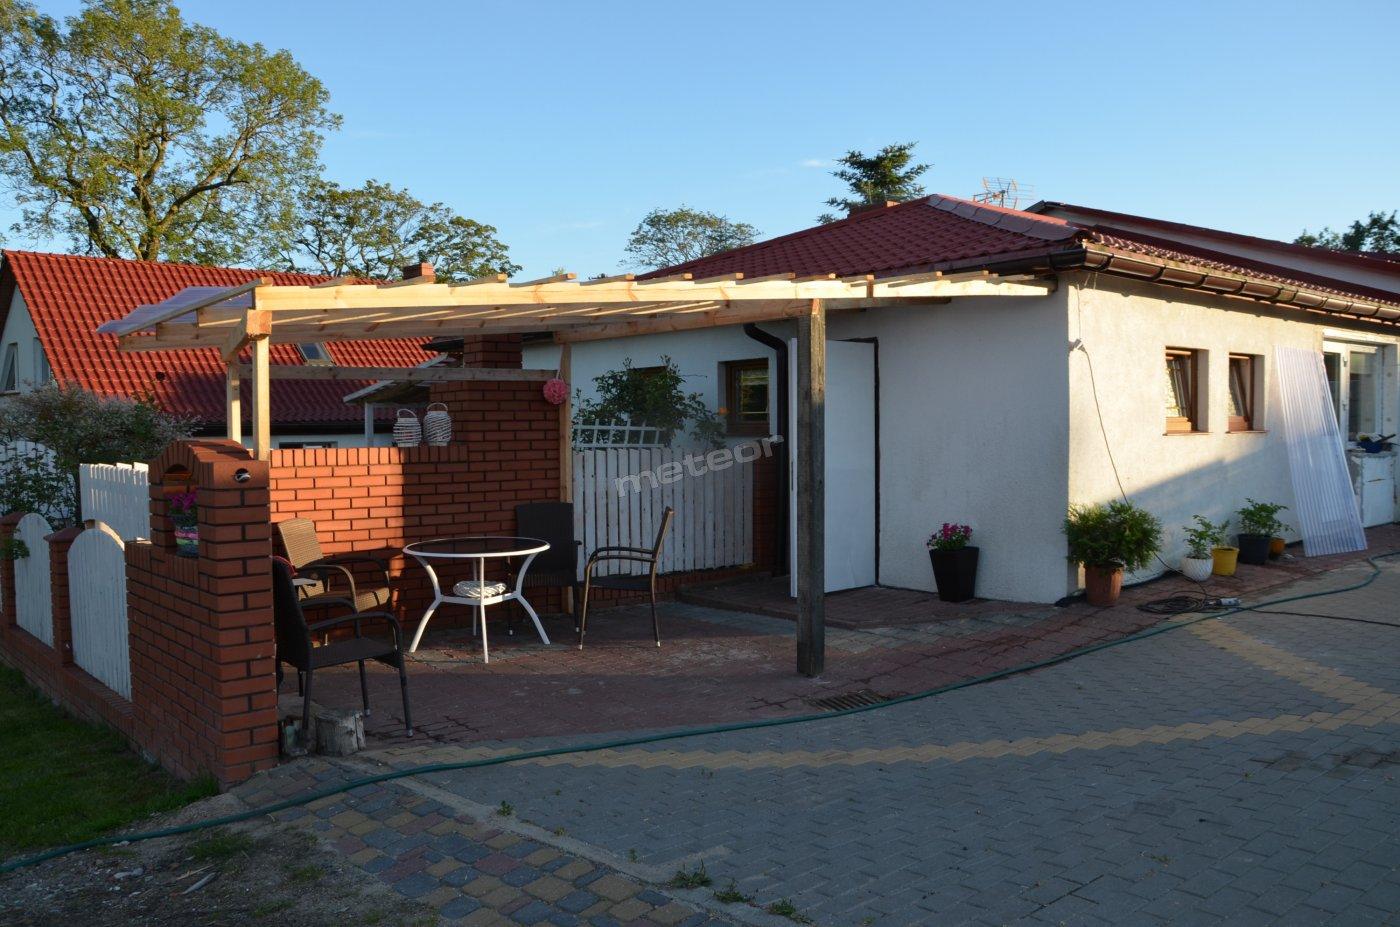 Dom całoroczny z altaną i własnym podwórkiem